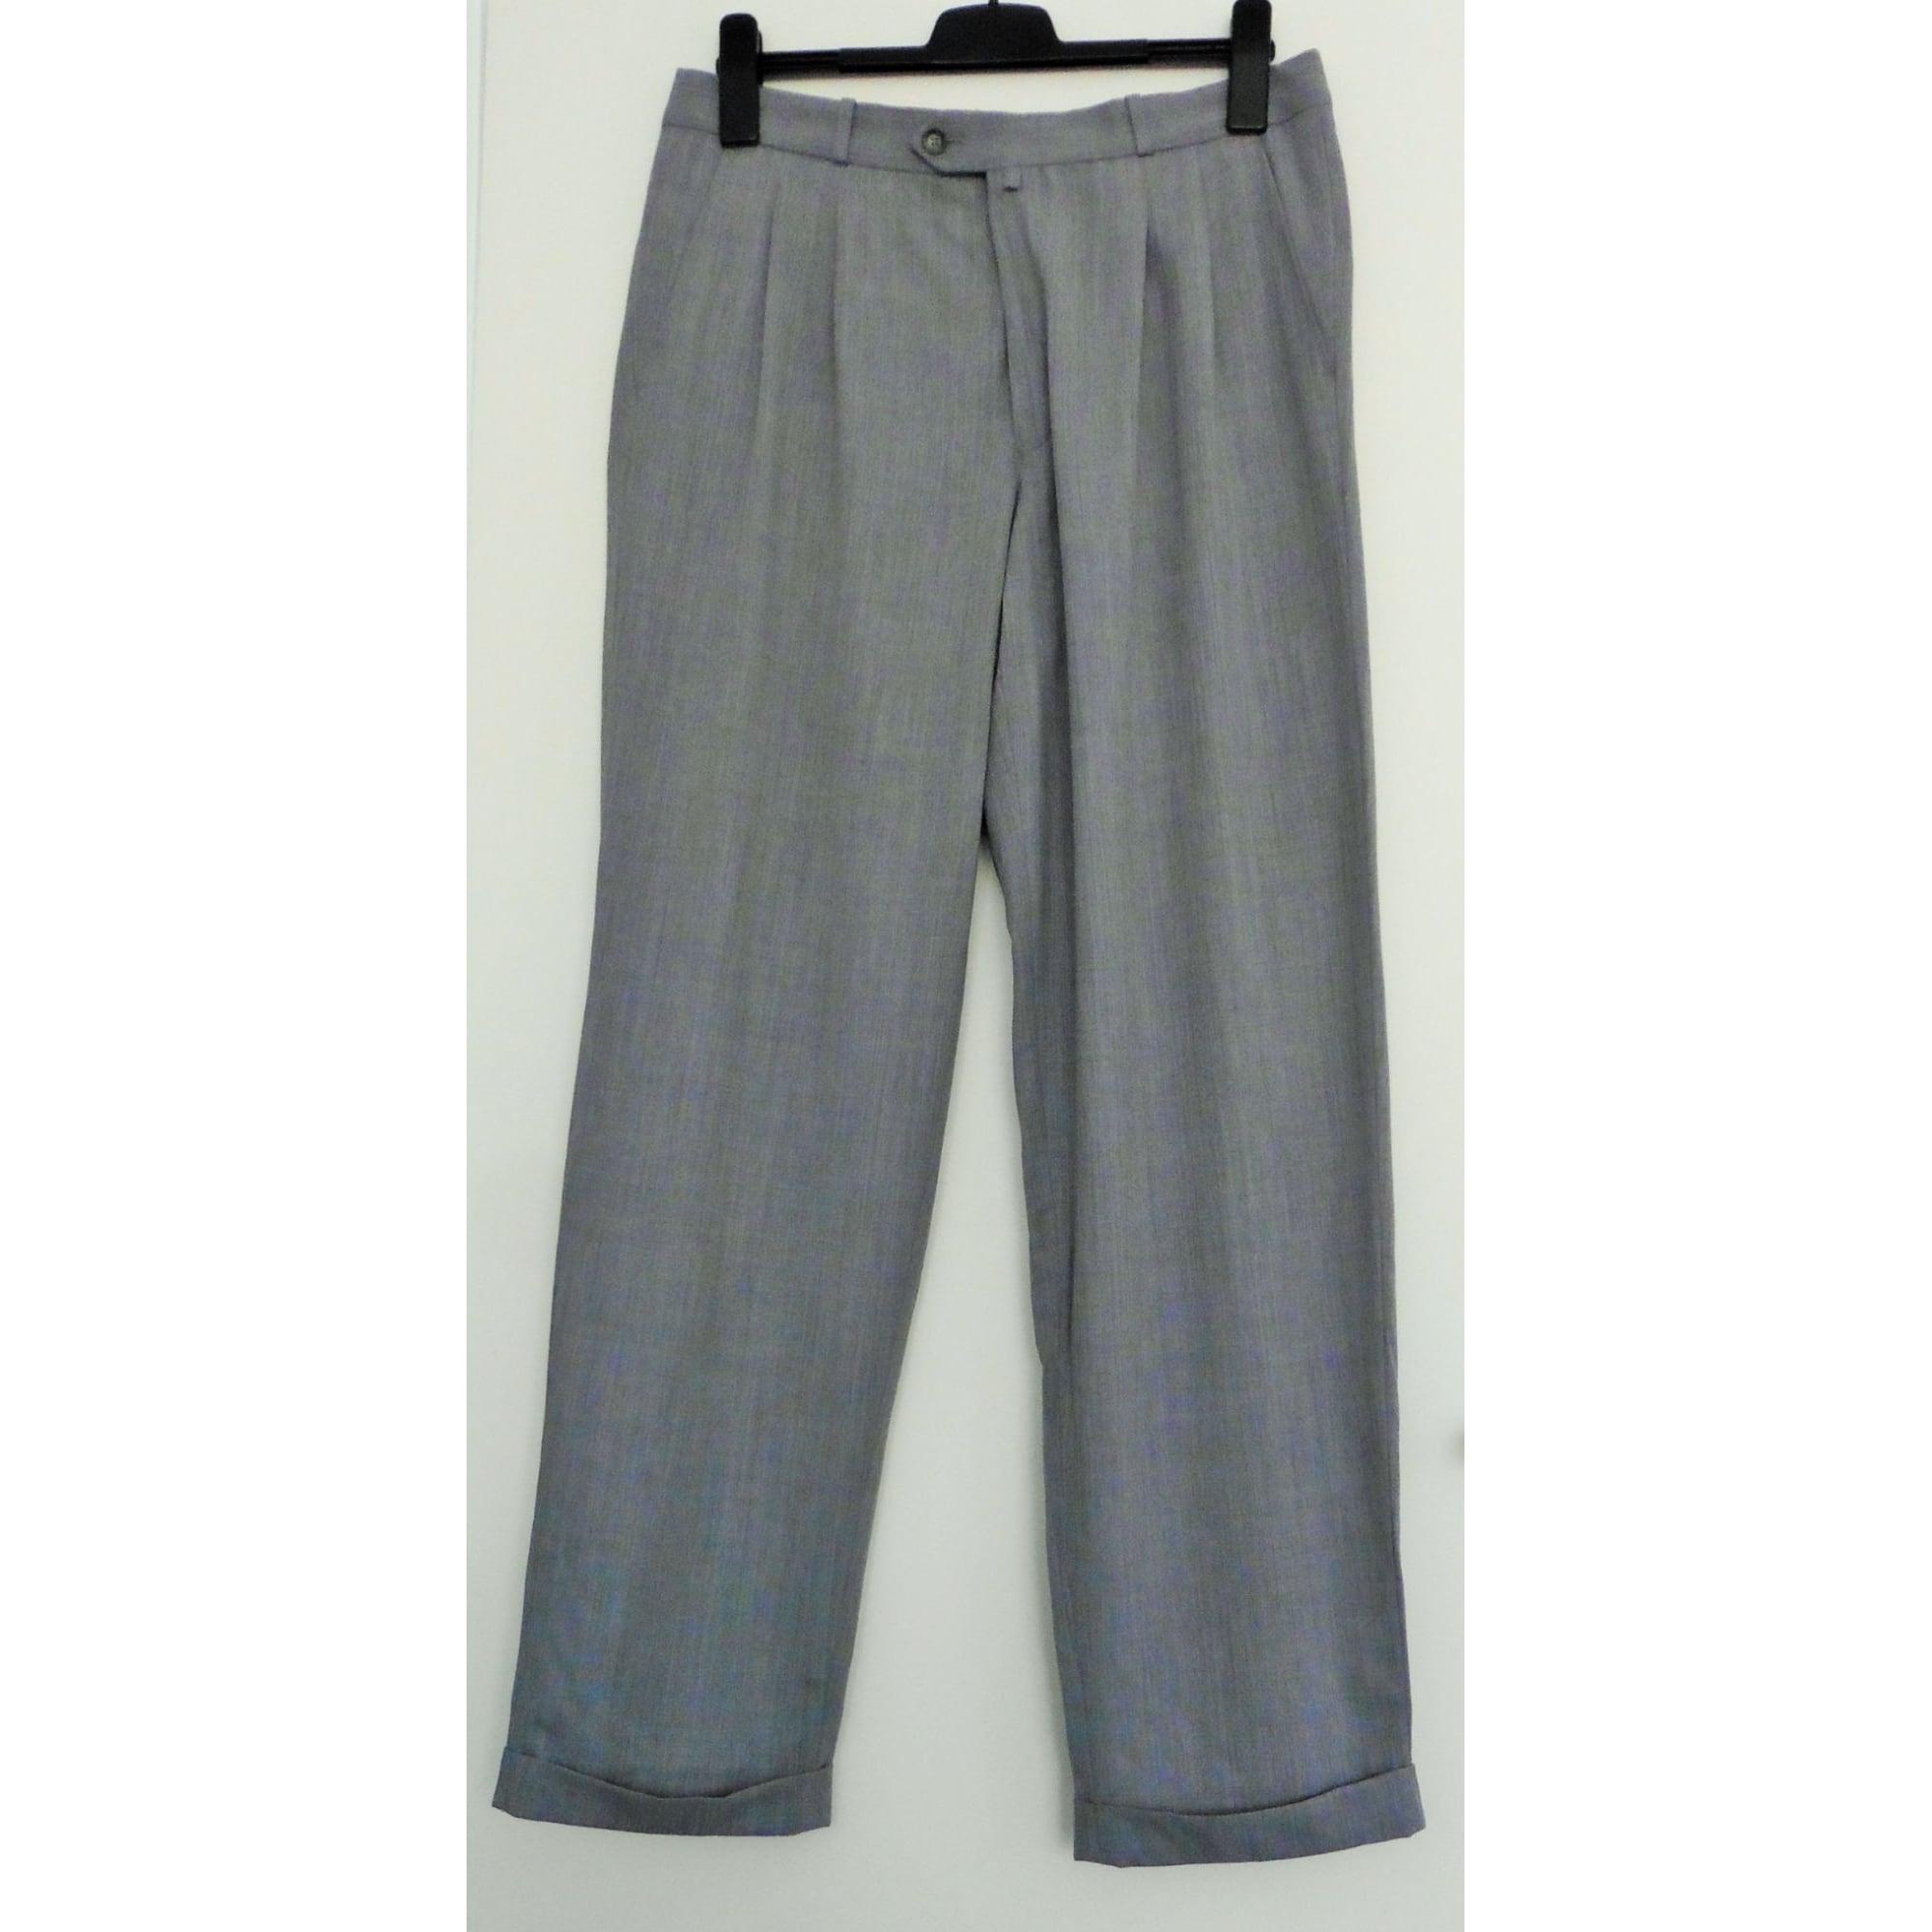 Pantalon droit BRICE Gris, anthracite